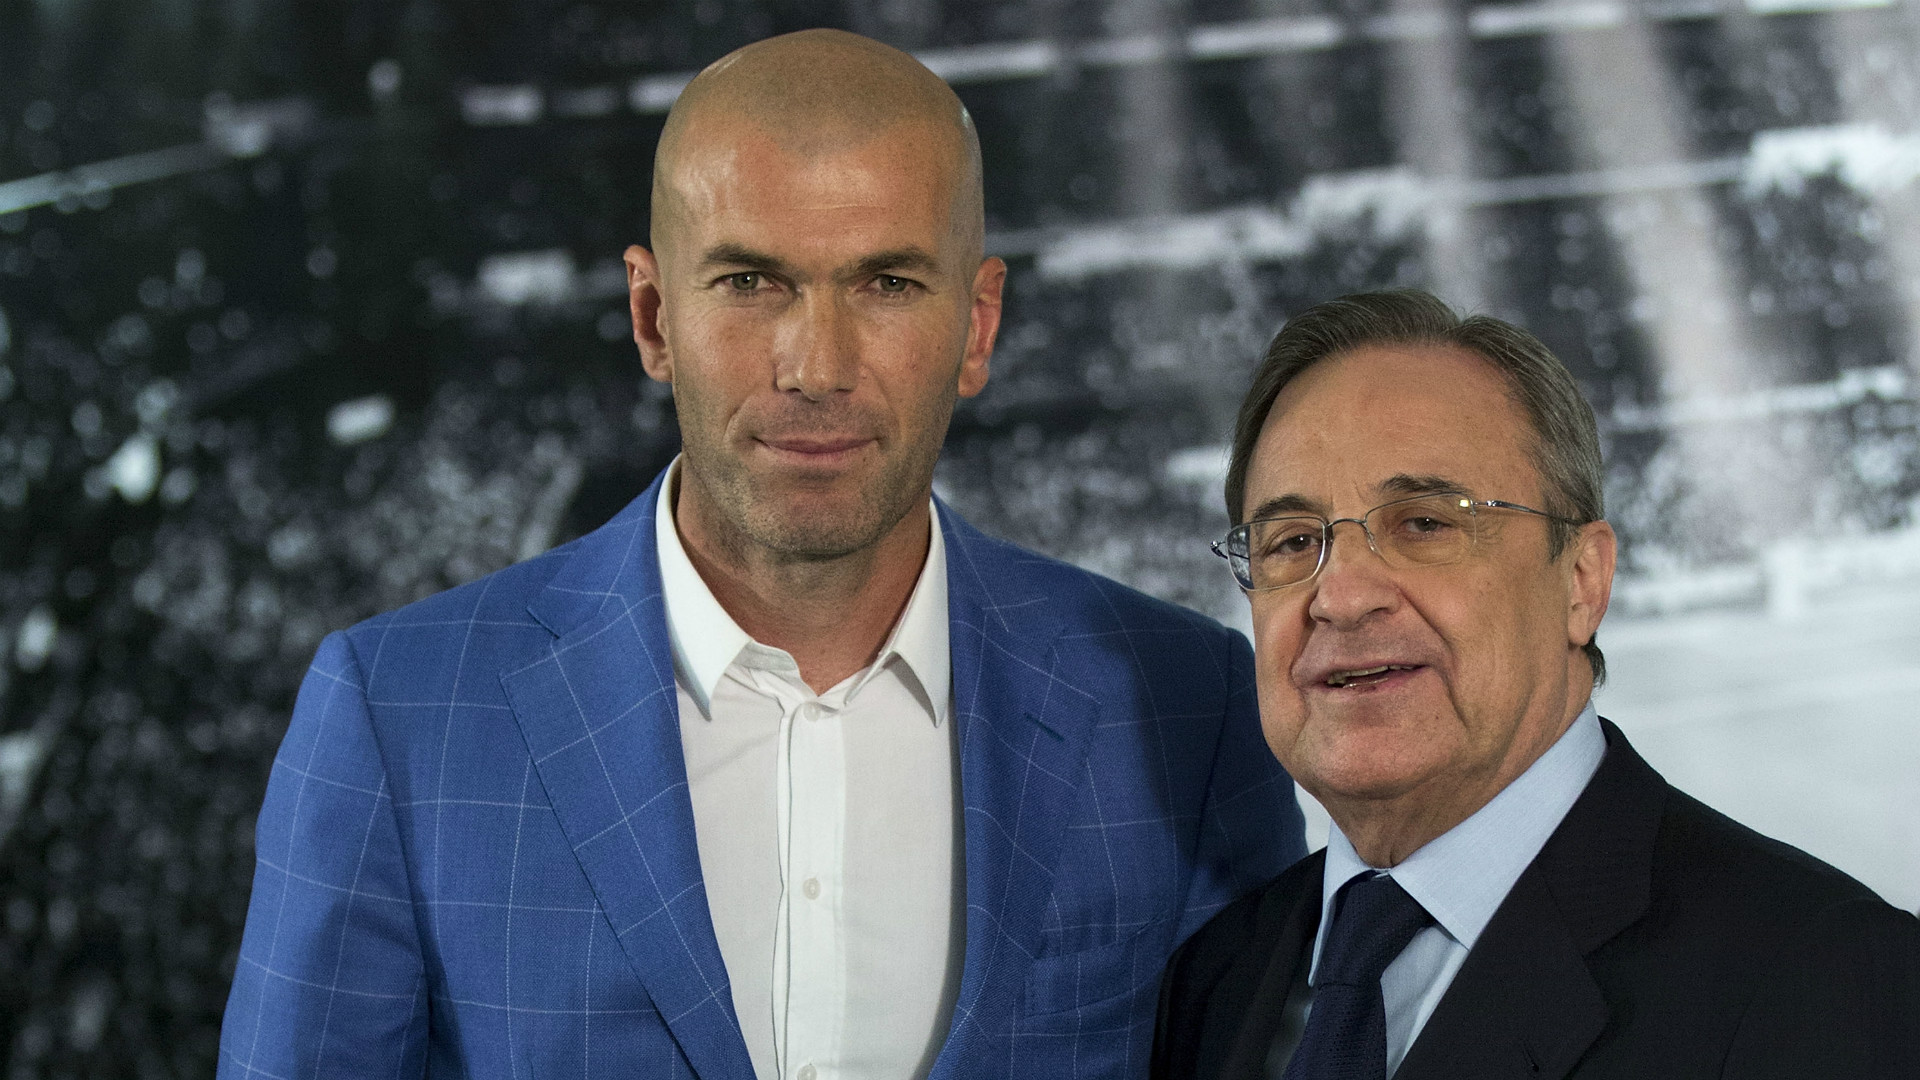 Real Madrid - Florentino Pérez se rendra à Montréal lundi ... pour parler de transferts avec Zidane